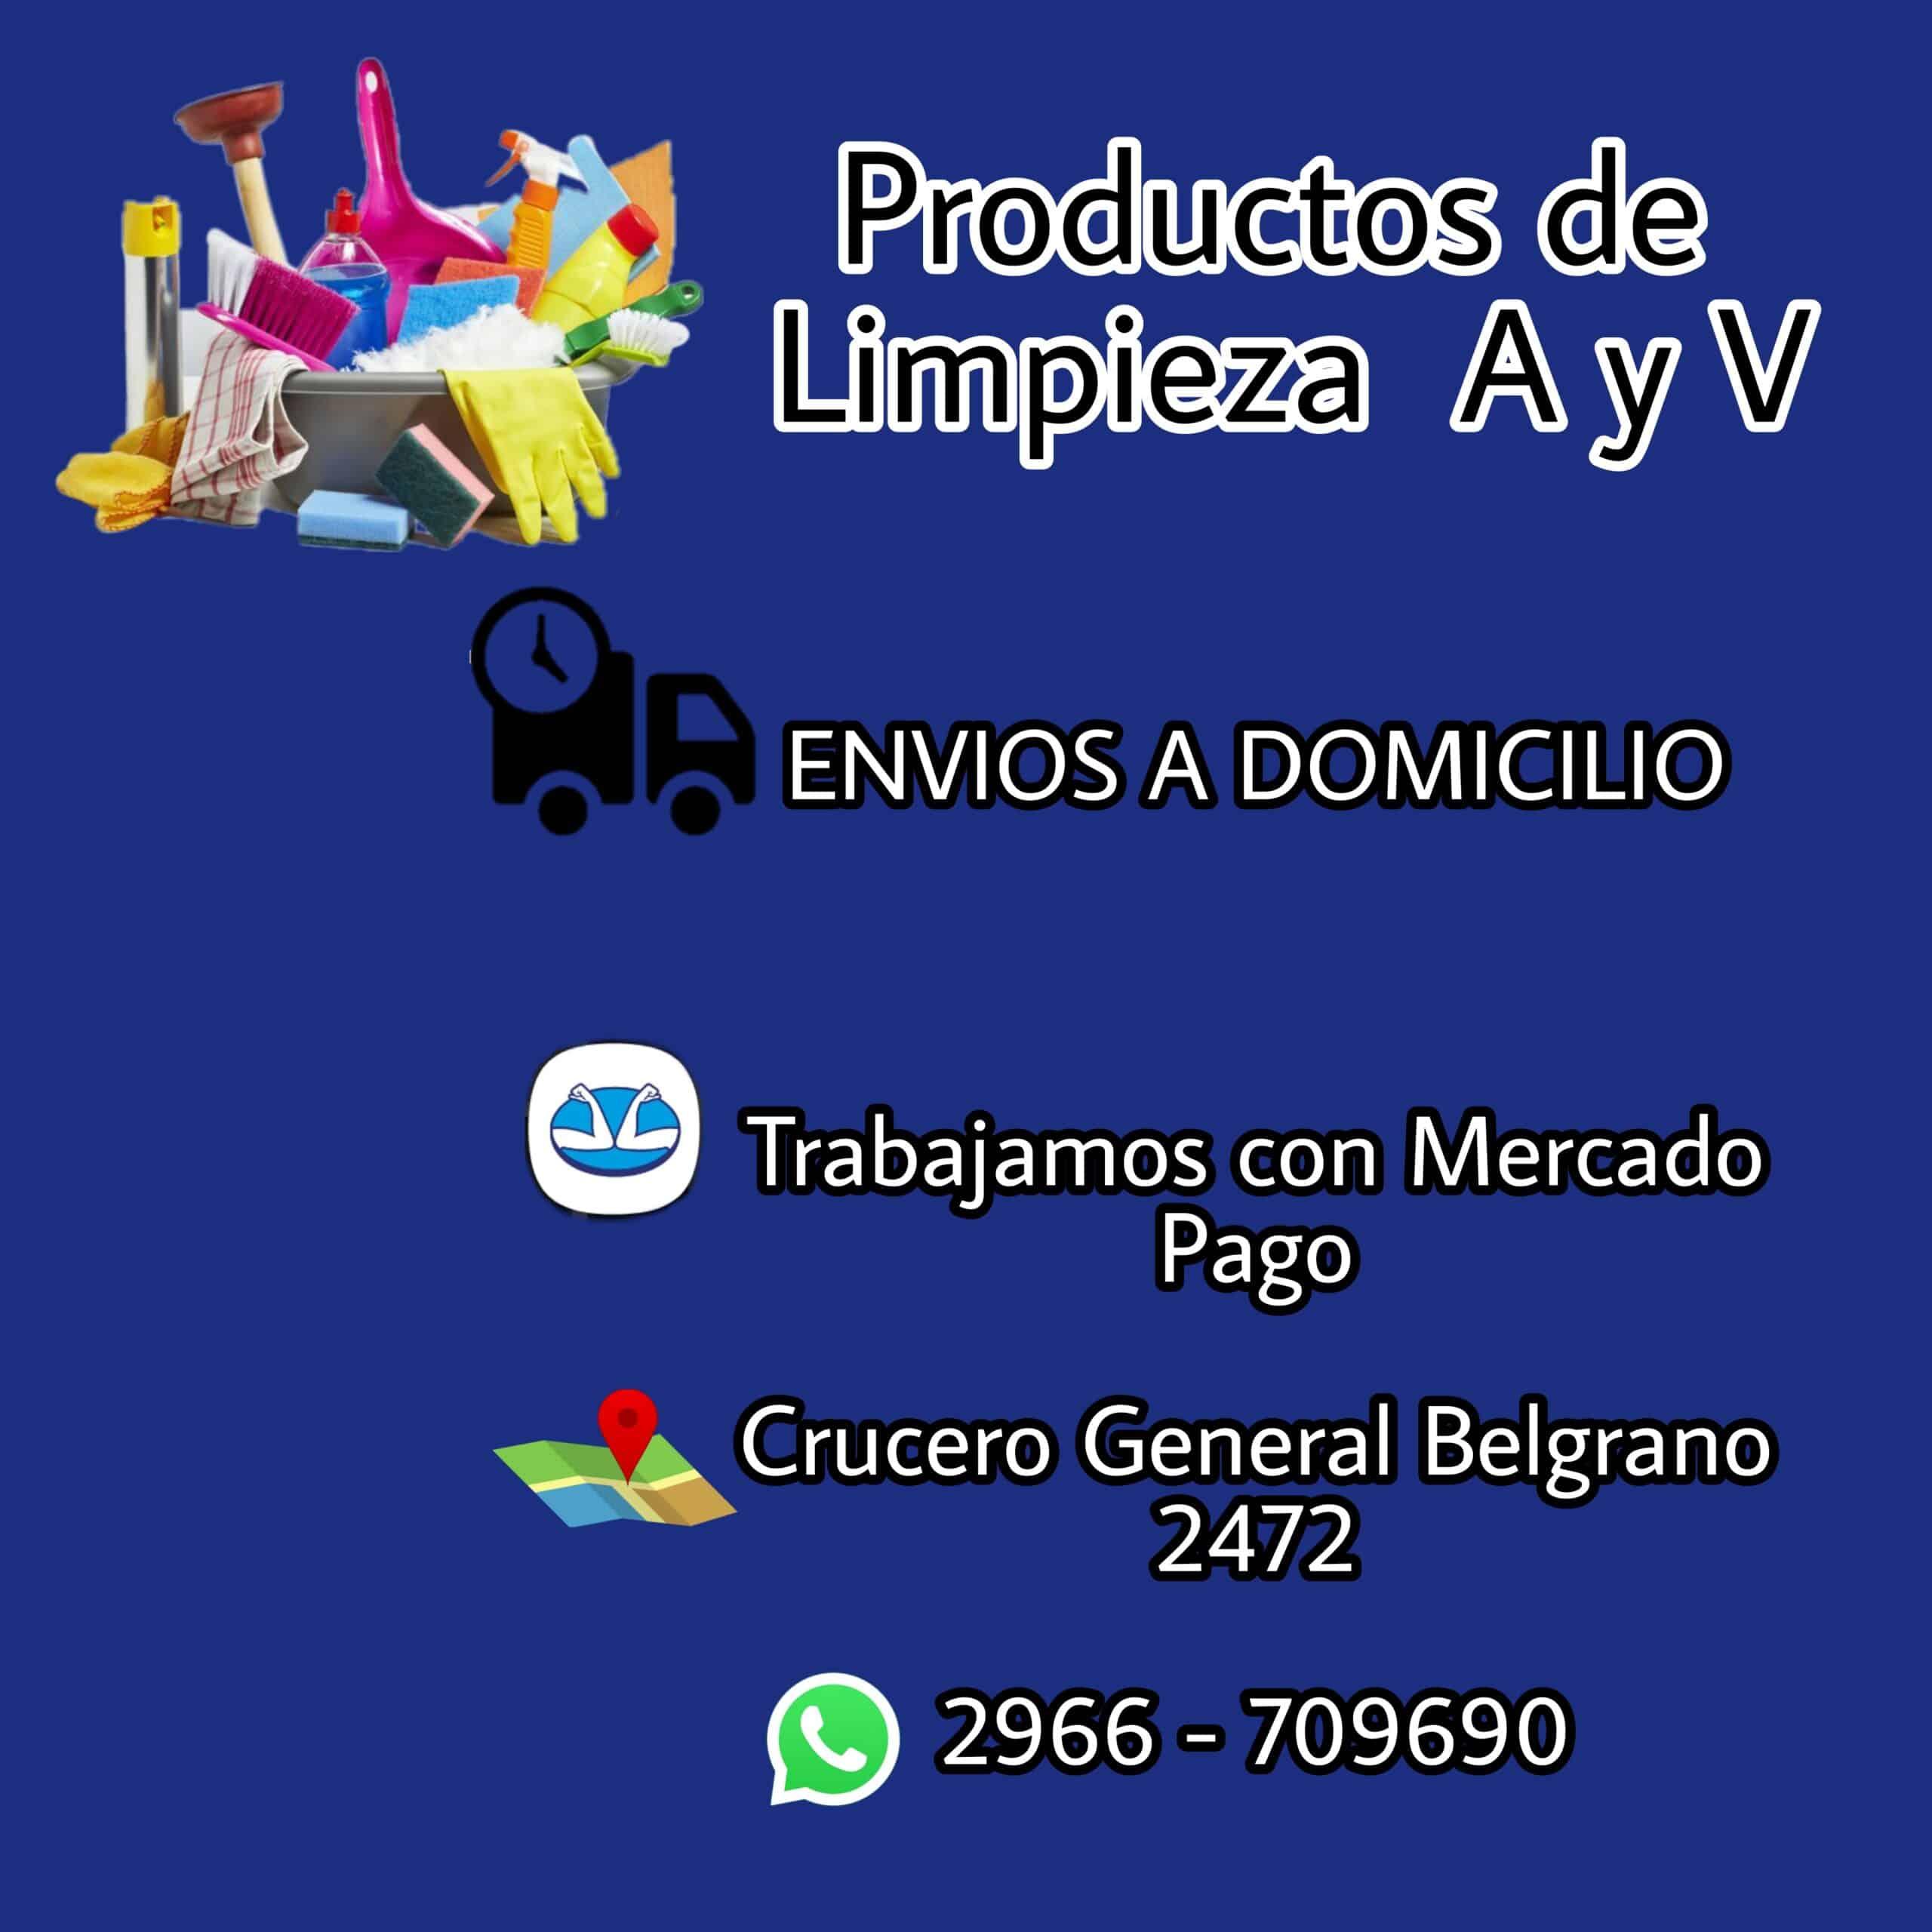 PRODUCTOS DE LIMPIEZA AyV